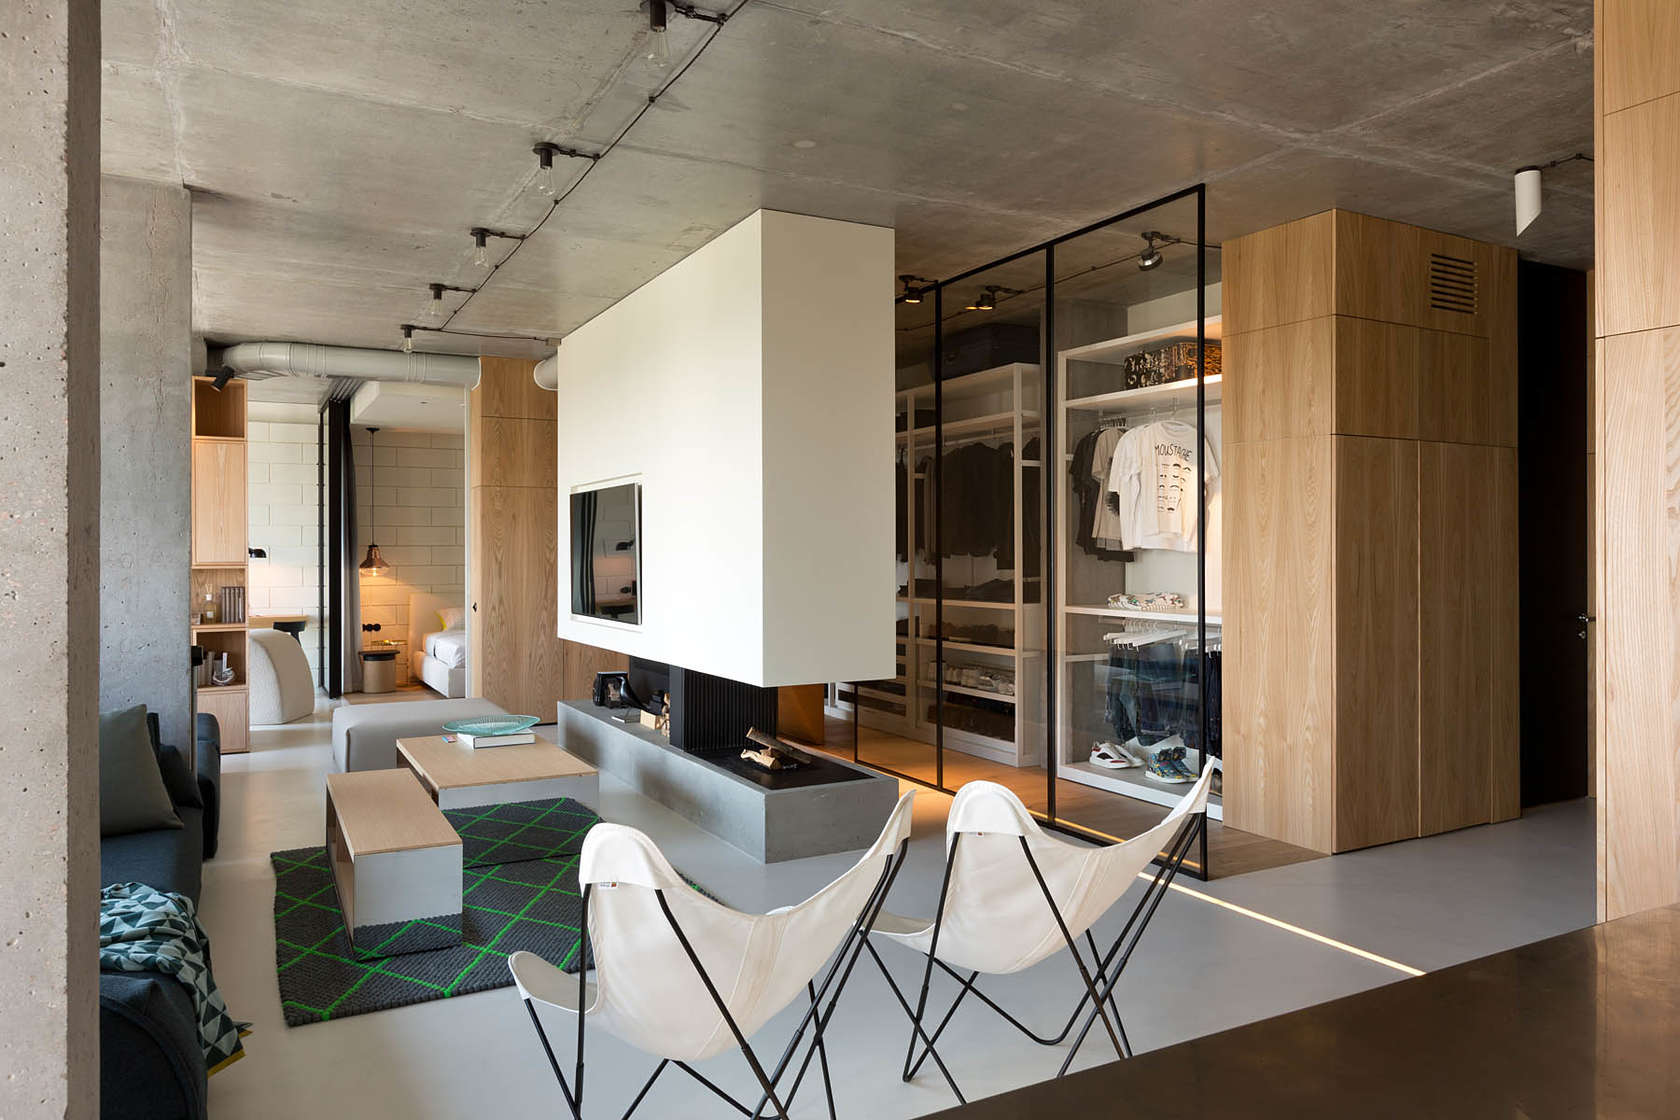 Inspiring penthouse design